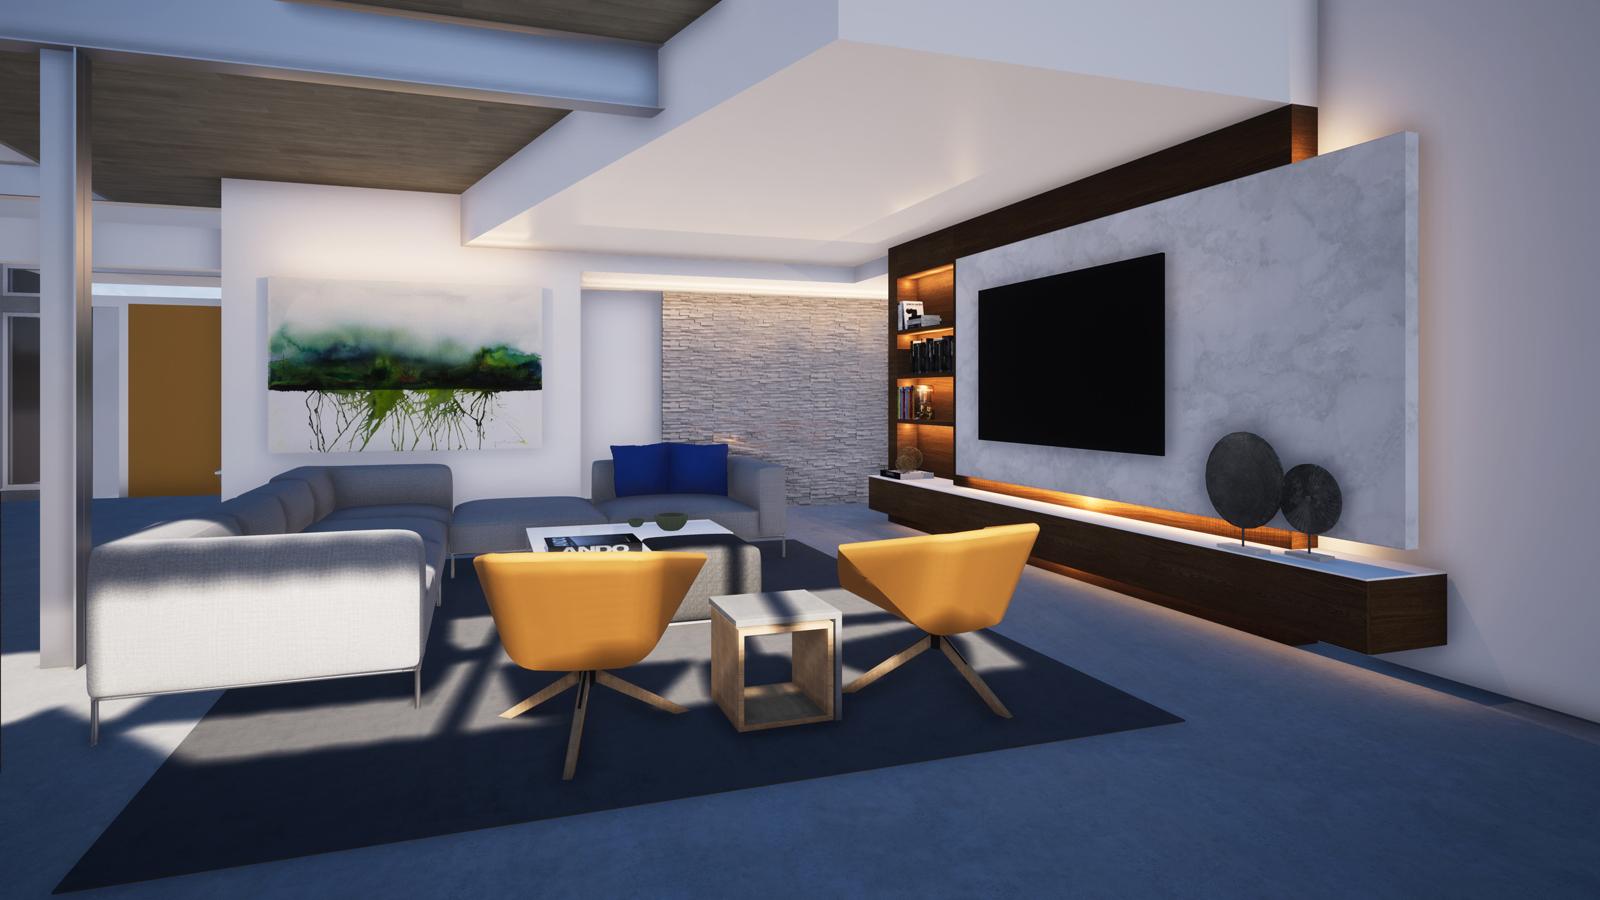 Palimpsest_House_Living_Room_02.jpg